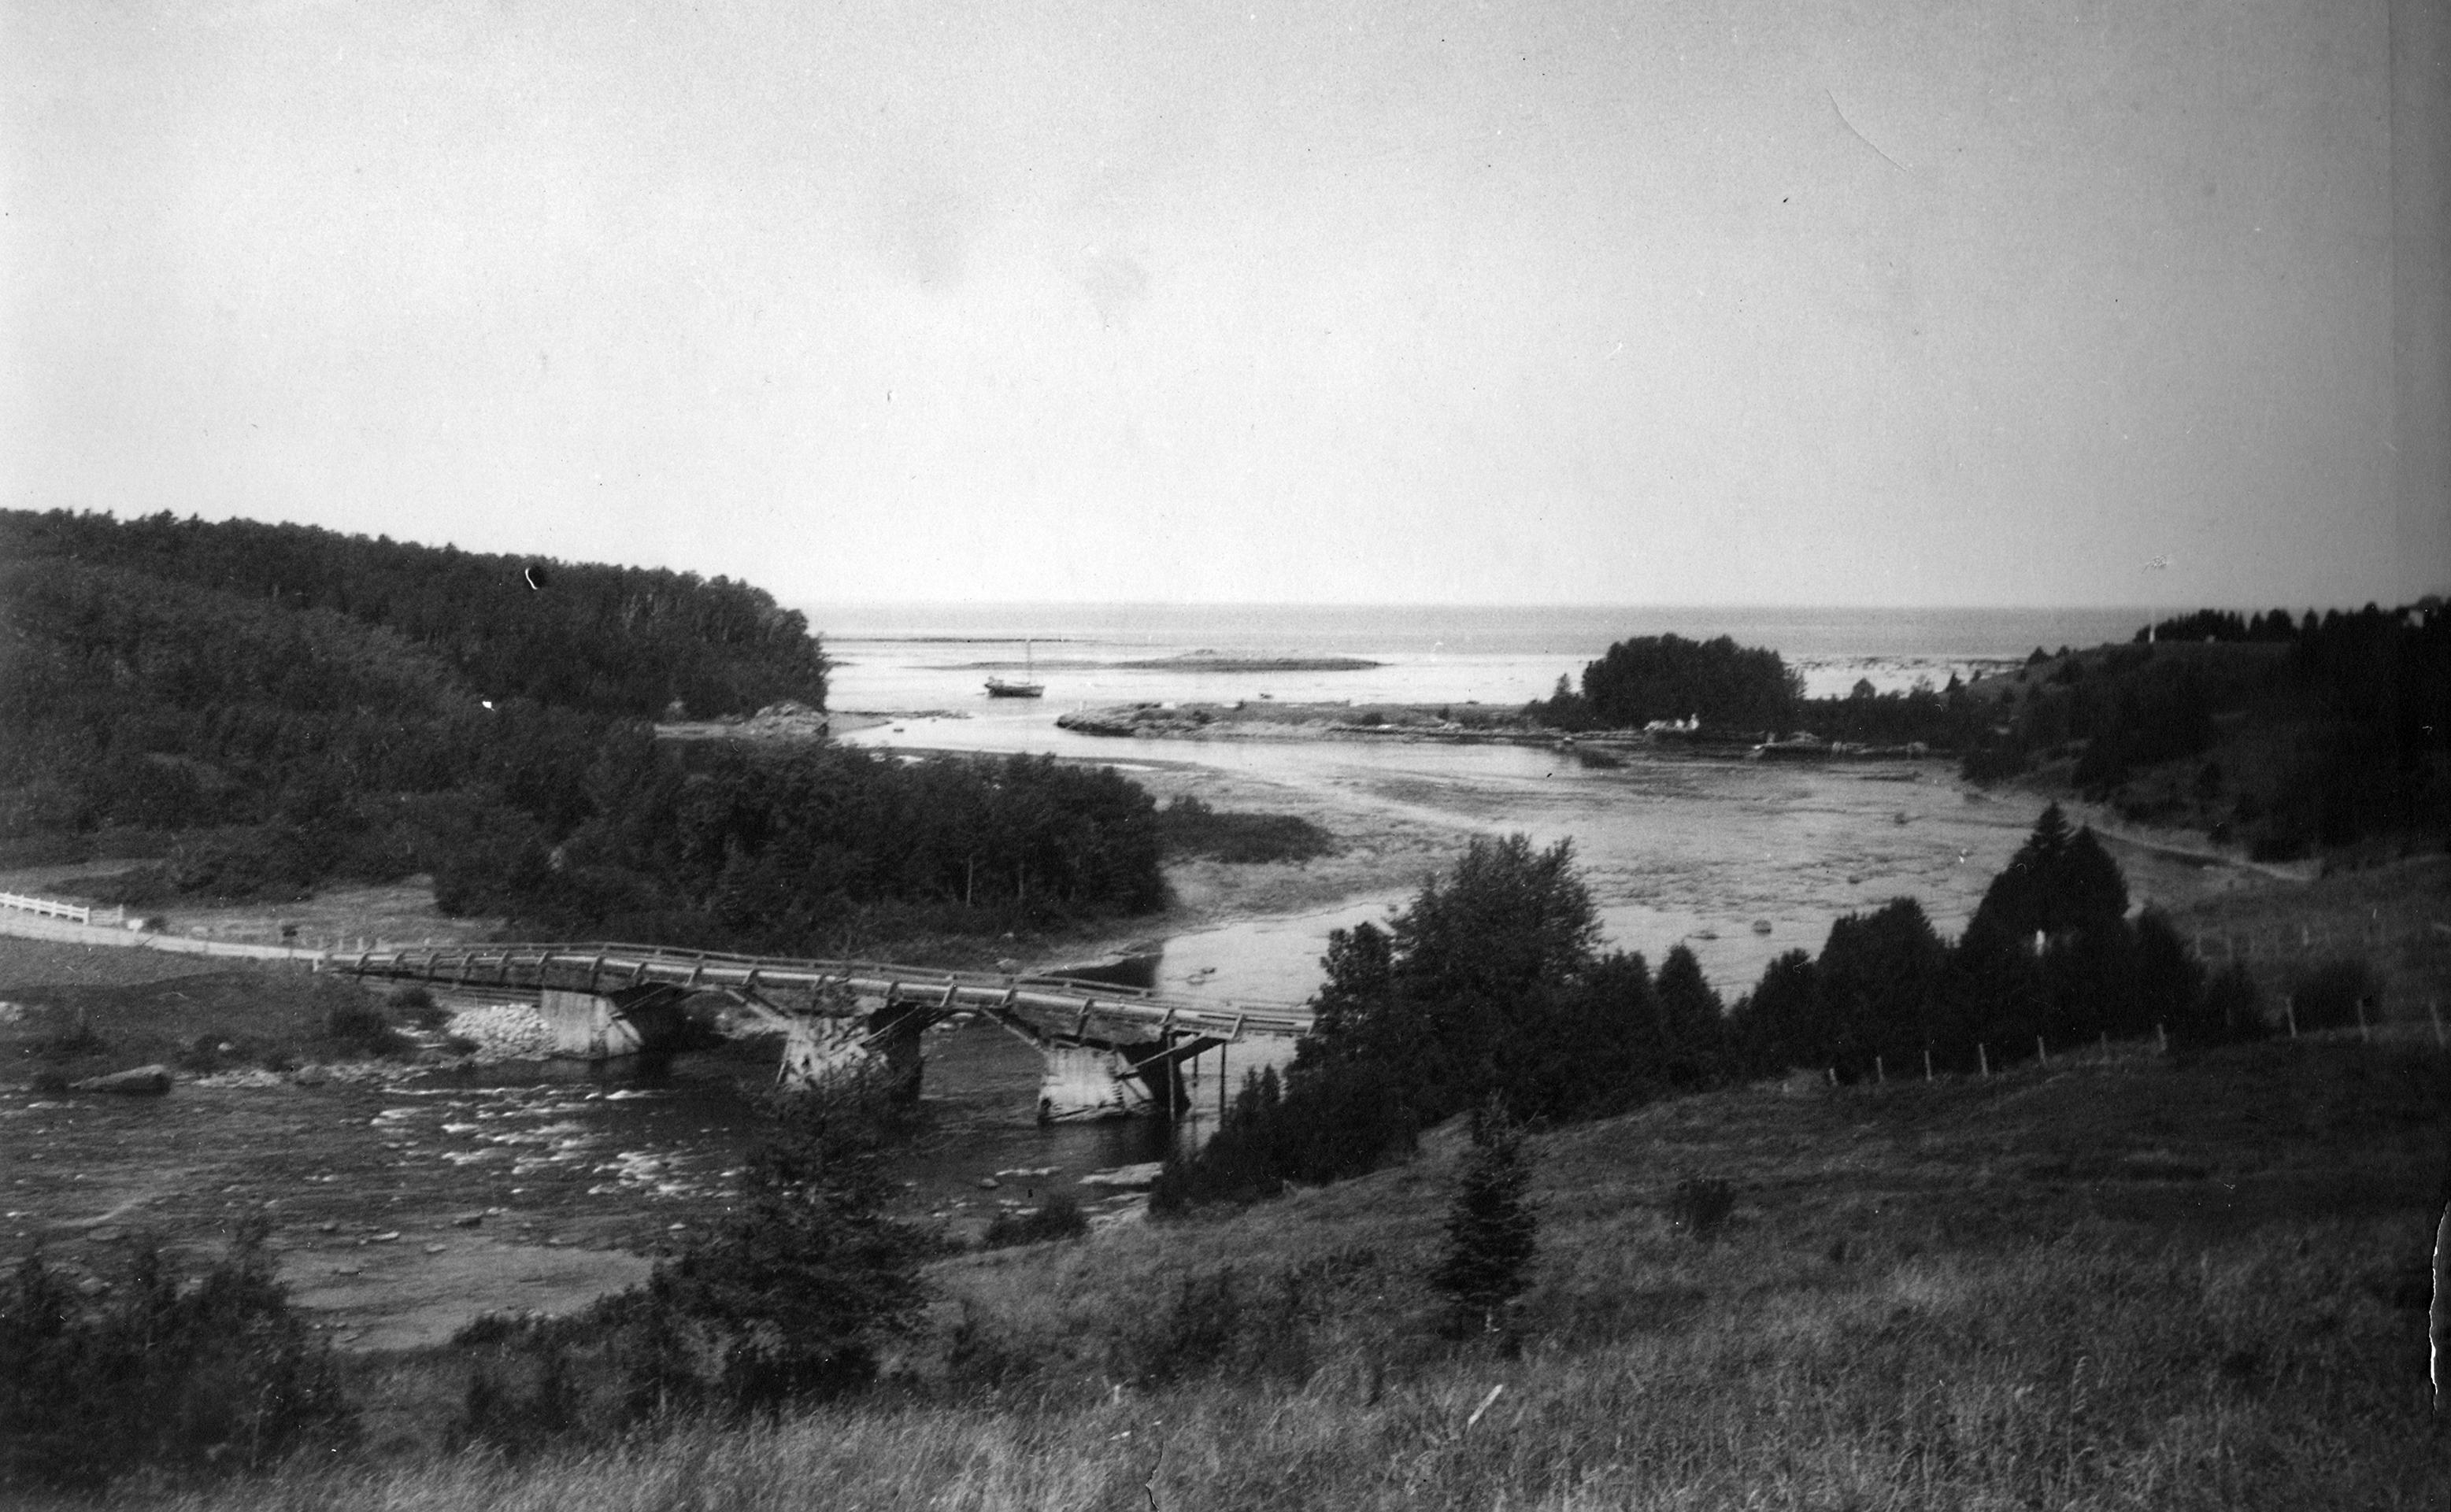 Photographie du vieux pont de bois de Grand-Métis vers 1925. Le pont est situé à environ 1 km de l'embouchure de la rivière Metis. Les deux côtés de la rivière présentent un paysage forestier et les aménagements du quai. Une goélette est amarrée à l'embouchure de la rivière et laisse entrevoir l'étendue du fleuve Saint-Laurent.